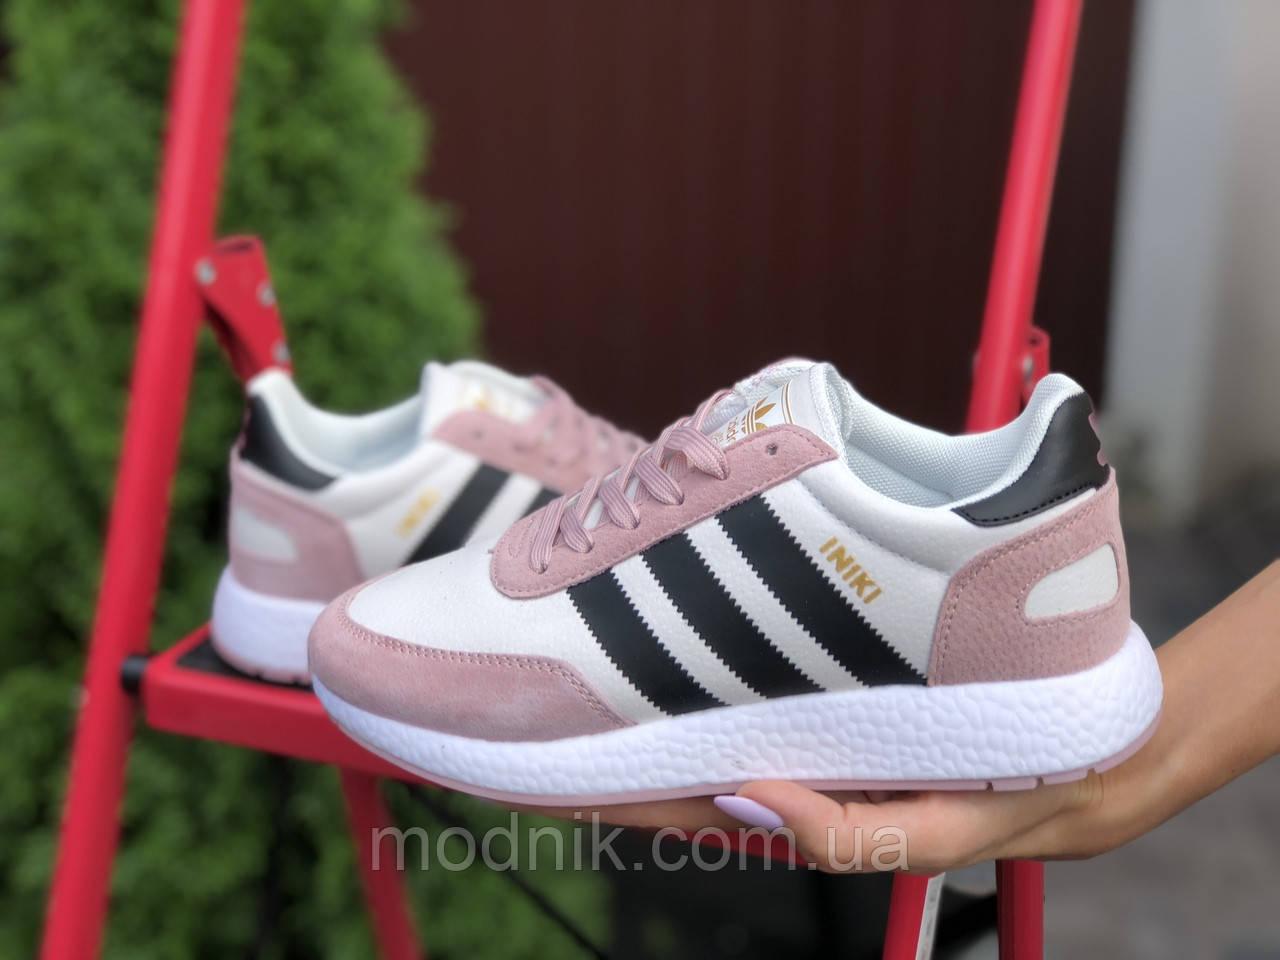 Женские кроссовки Adidas Iniki (бело-розовые с черным) 9775